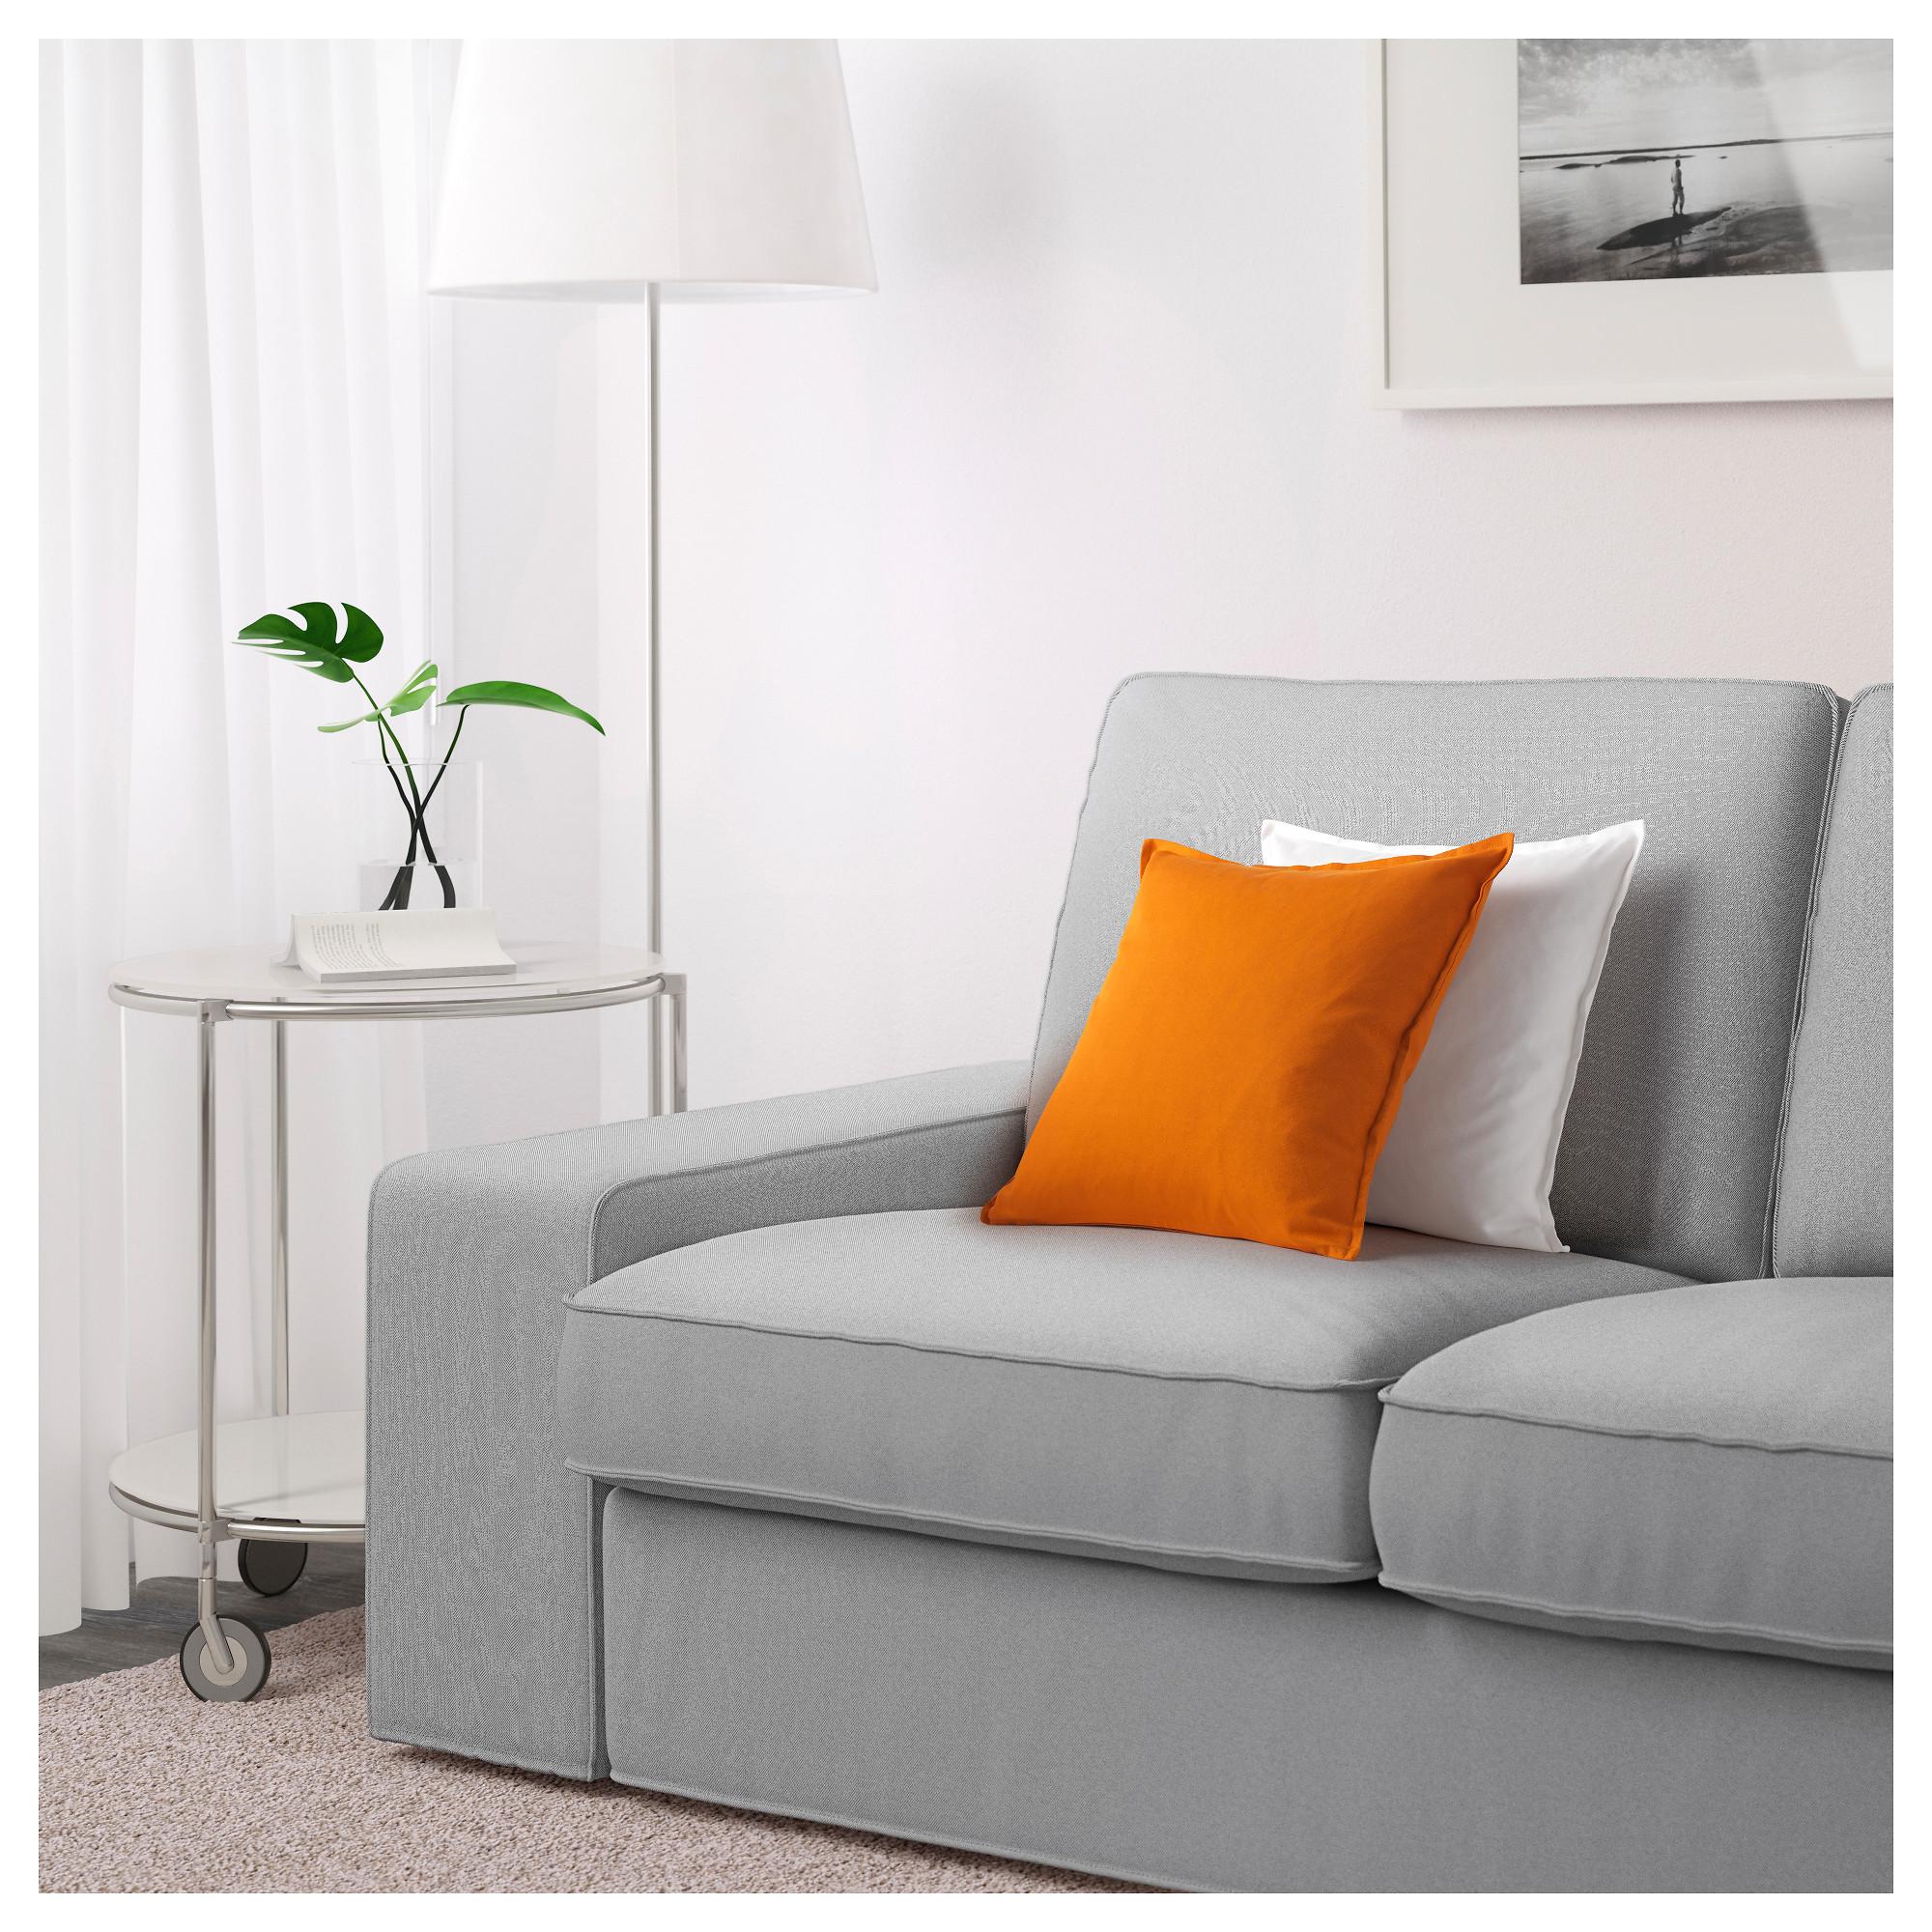 Incredible Kivik Two Seat Sofa Orrsta Light Grey Ikea Hong Kong Uwap Interior Chair Design Uwaporg